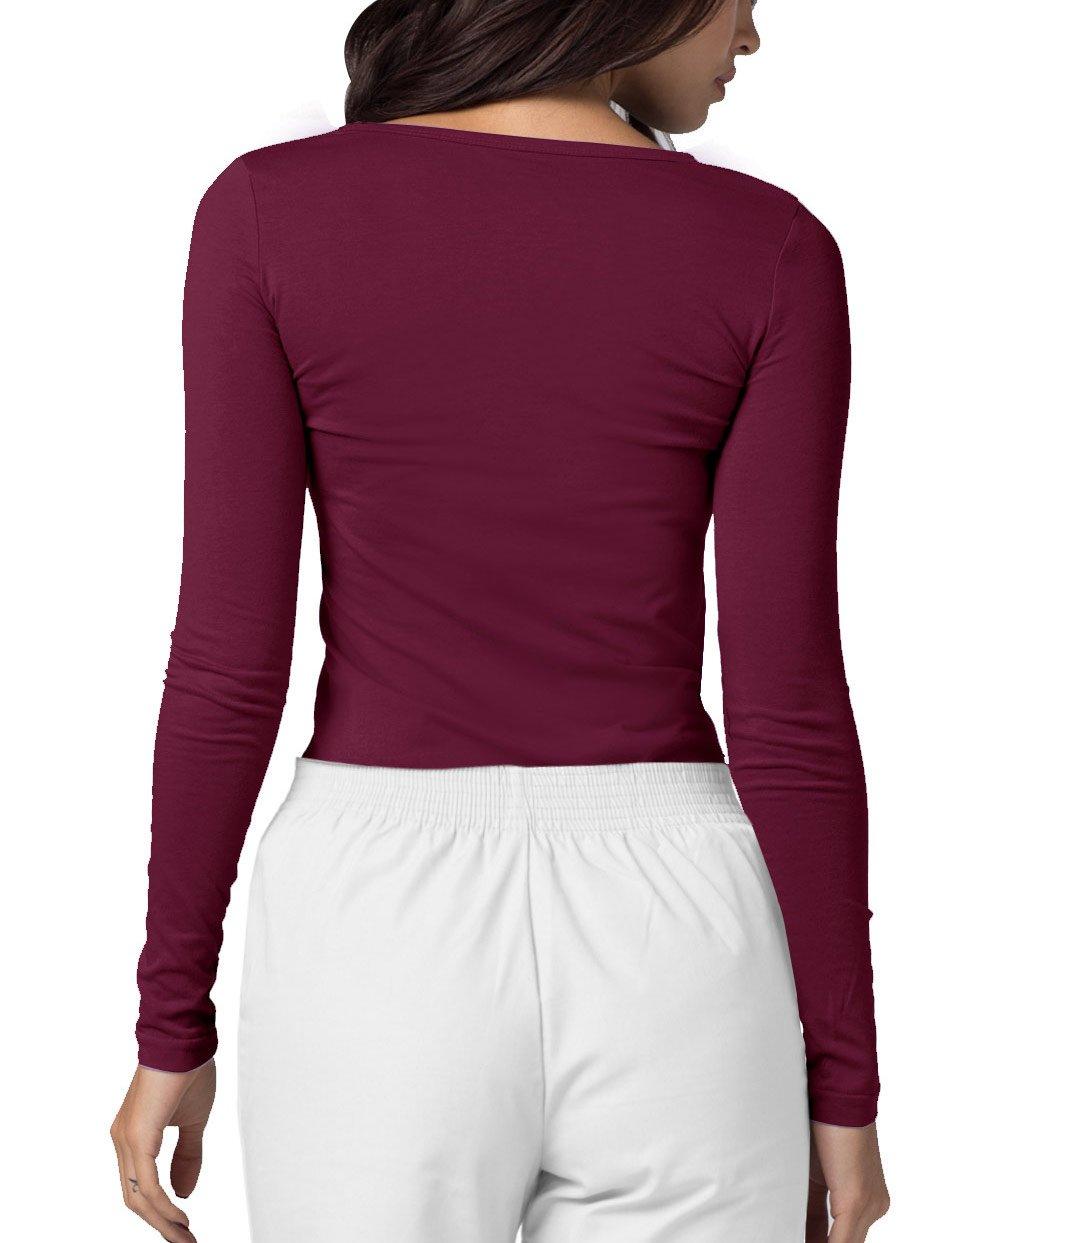 ADAR UNIFORMS Adar Womens Comfort Long Sleeve T-Shirt Underscrub Tee - 2900 - Burgundy - M by ADAR UNIFORMS (Image #2)